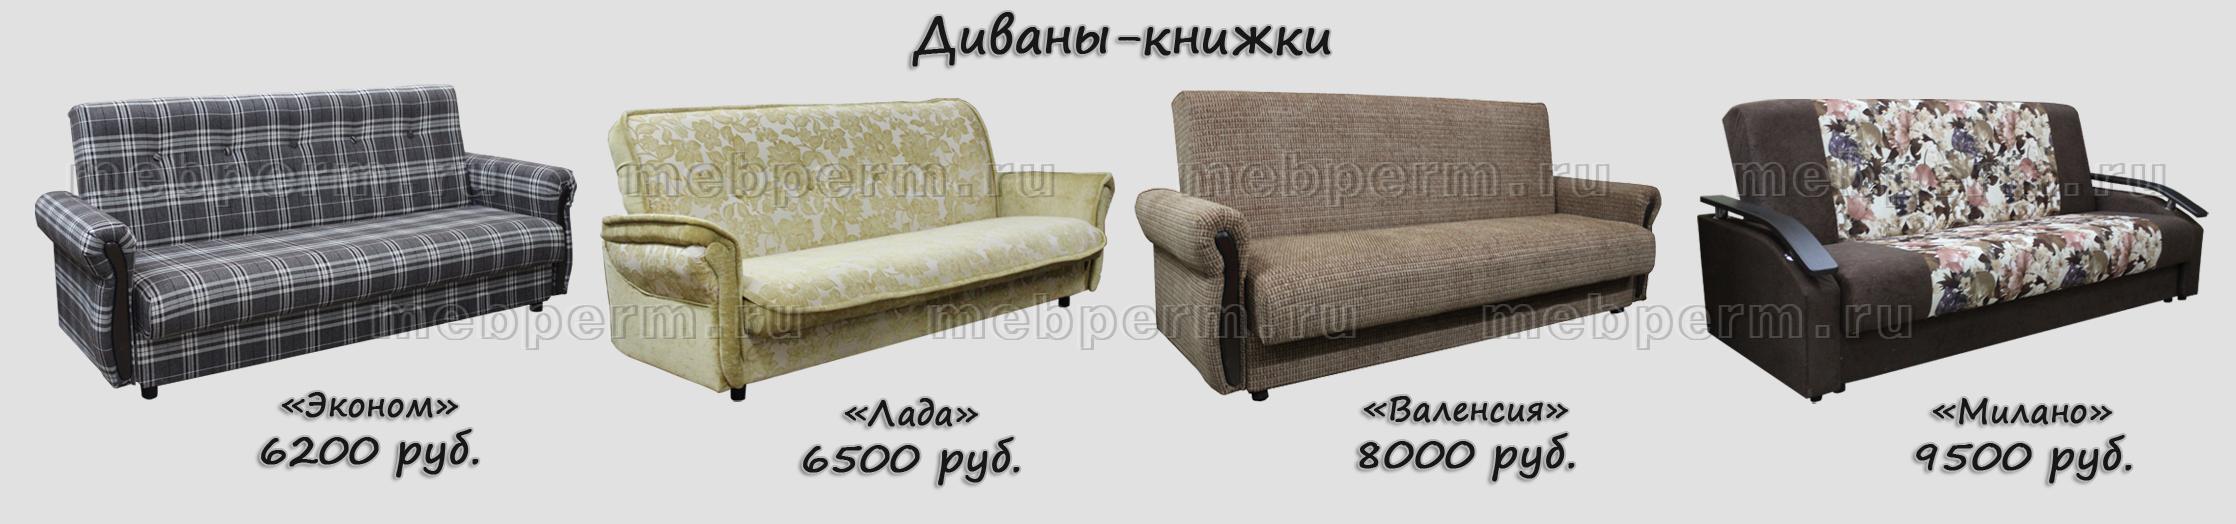 мягкая мебель диваны кресла Mebperm мебель эконом класса в перми